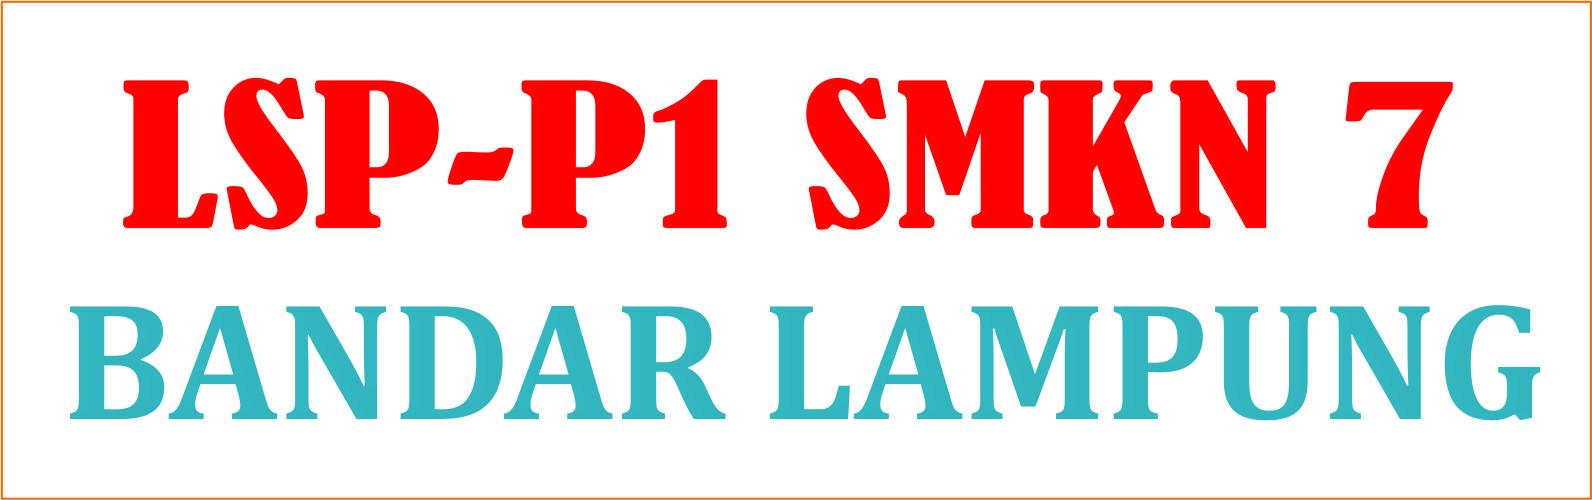 LSP-P1 SMKN 7 BANDAR LAMPUNG